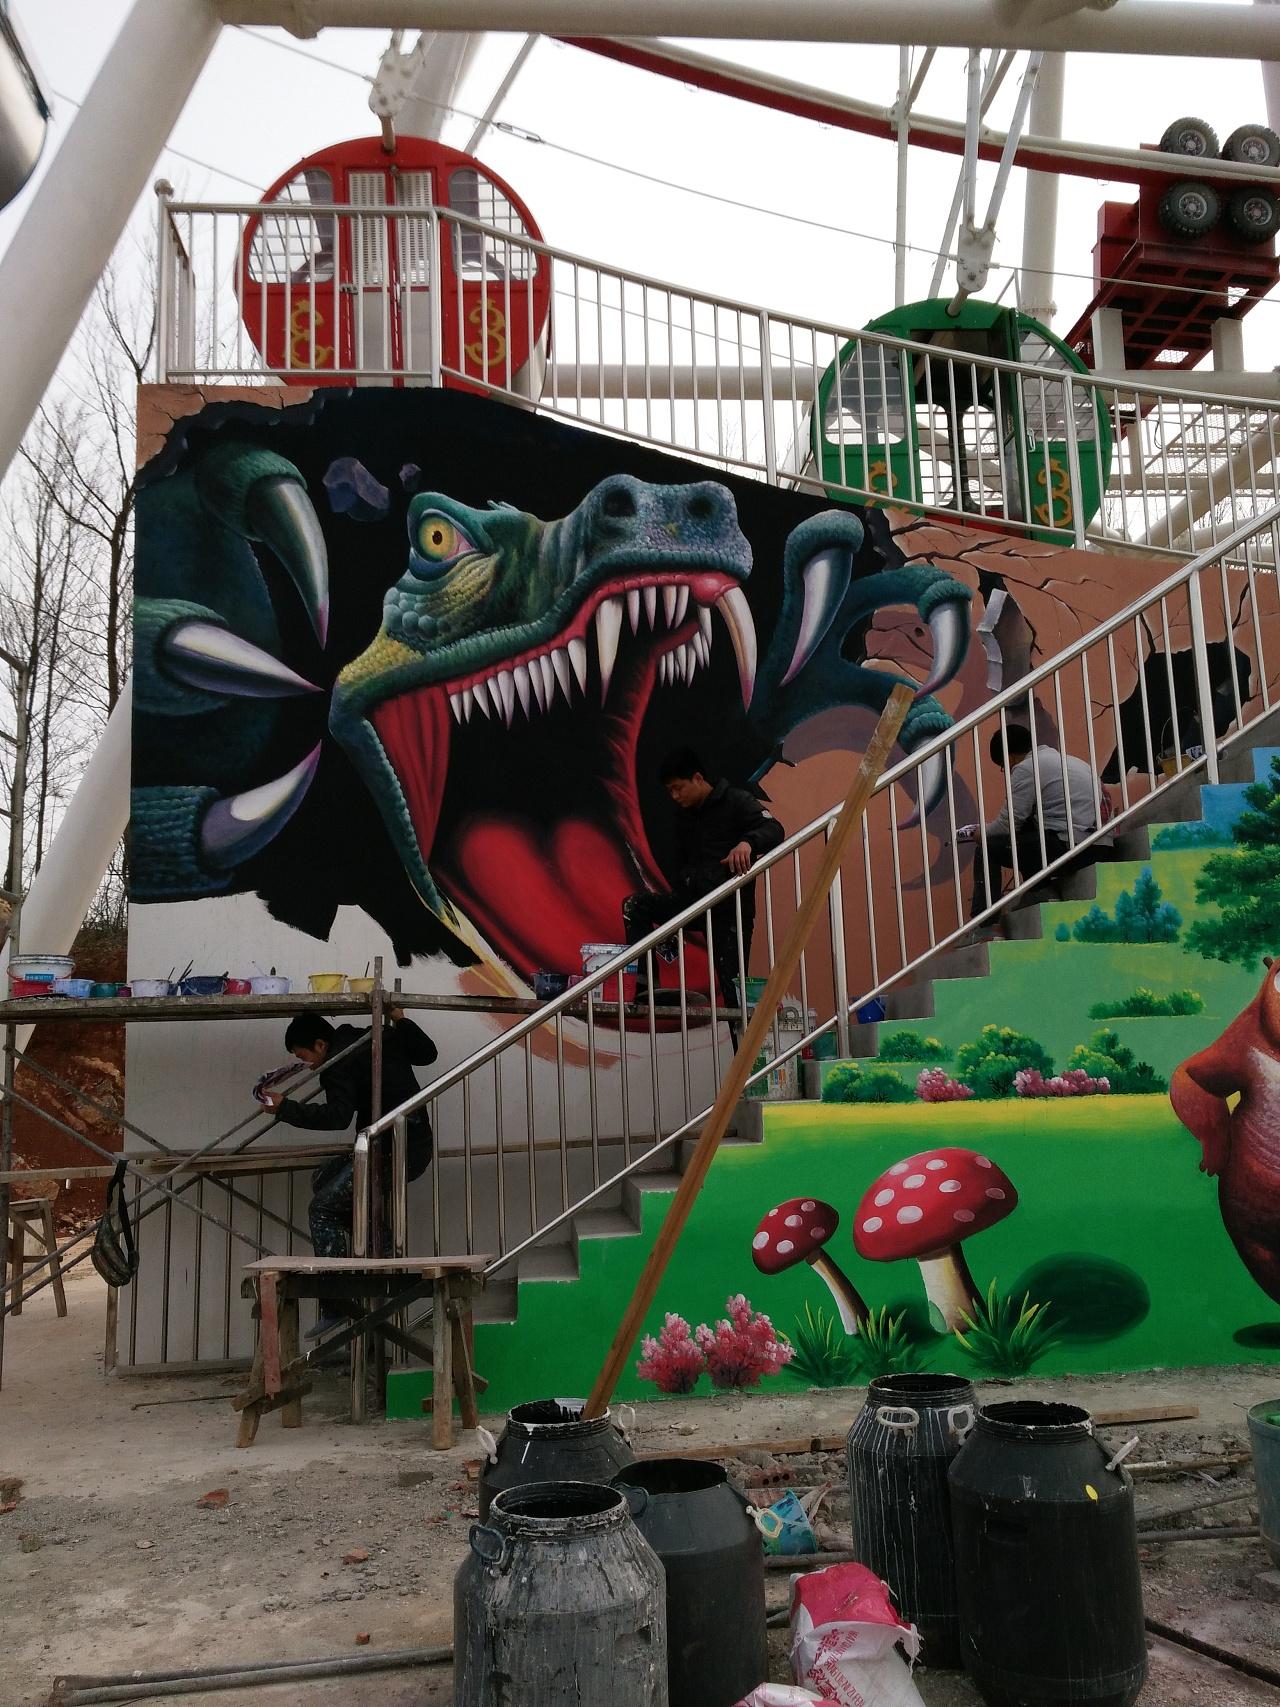 赣州幼儿园外墙绘画,赣州美丽乡村墙画手绘,赣州背景墙,赣州墙体壁画